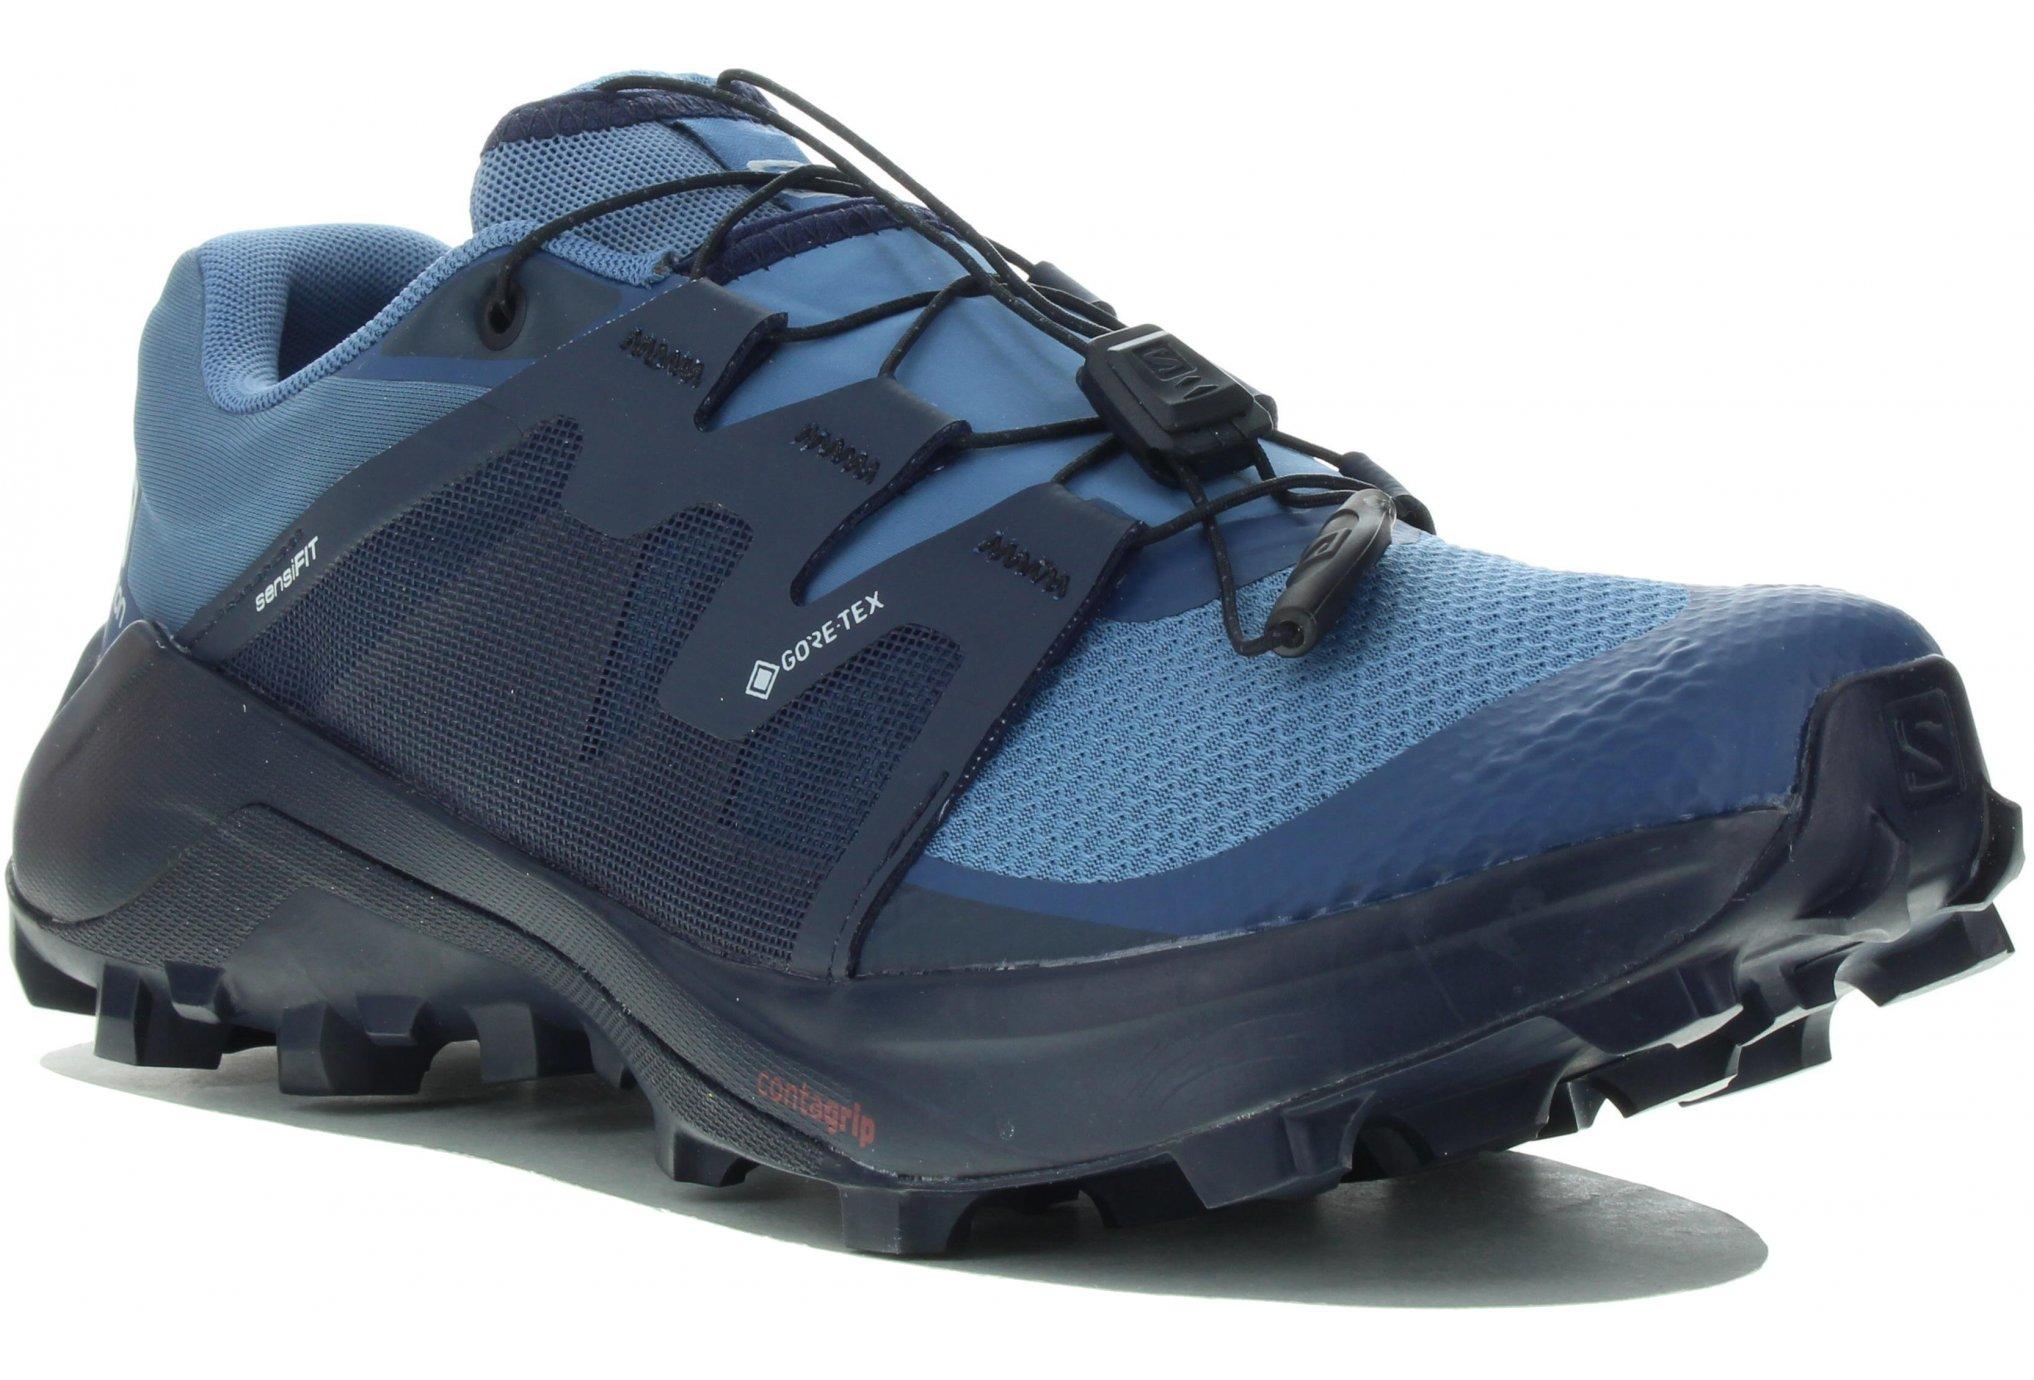 Salomon Wildcross Gore-Tex W Diététique Chaussures femme